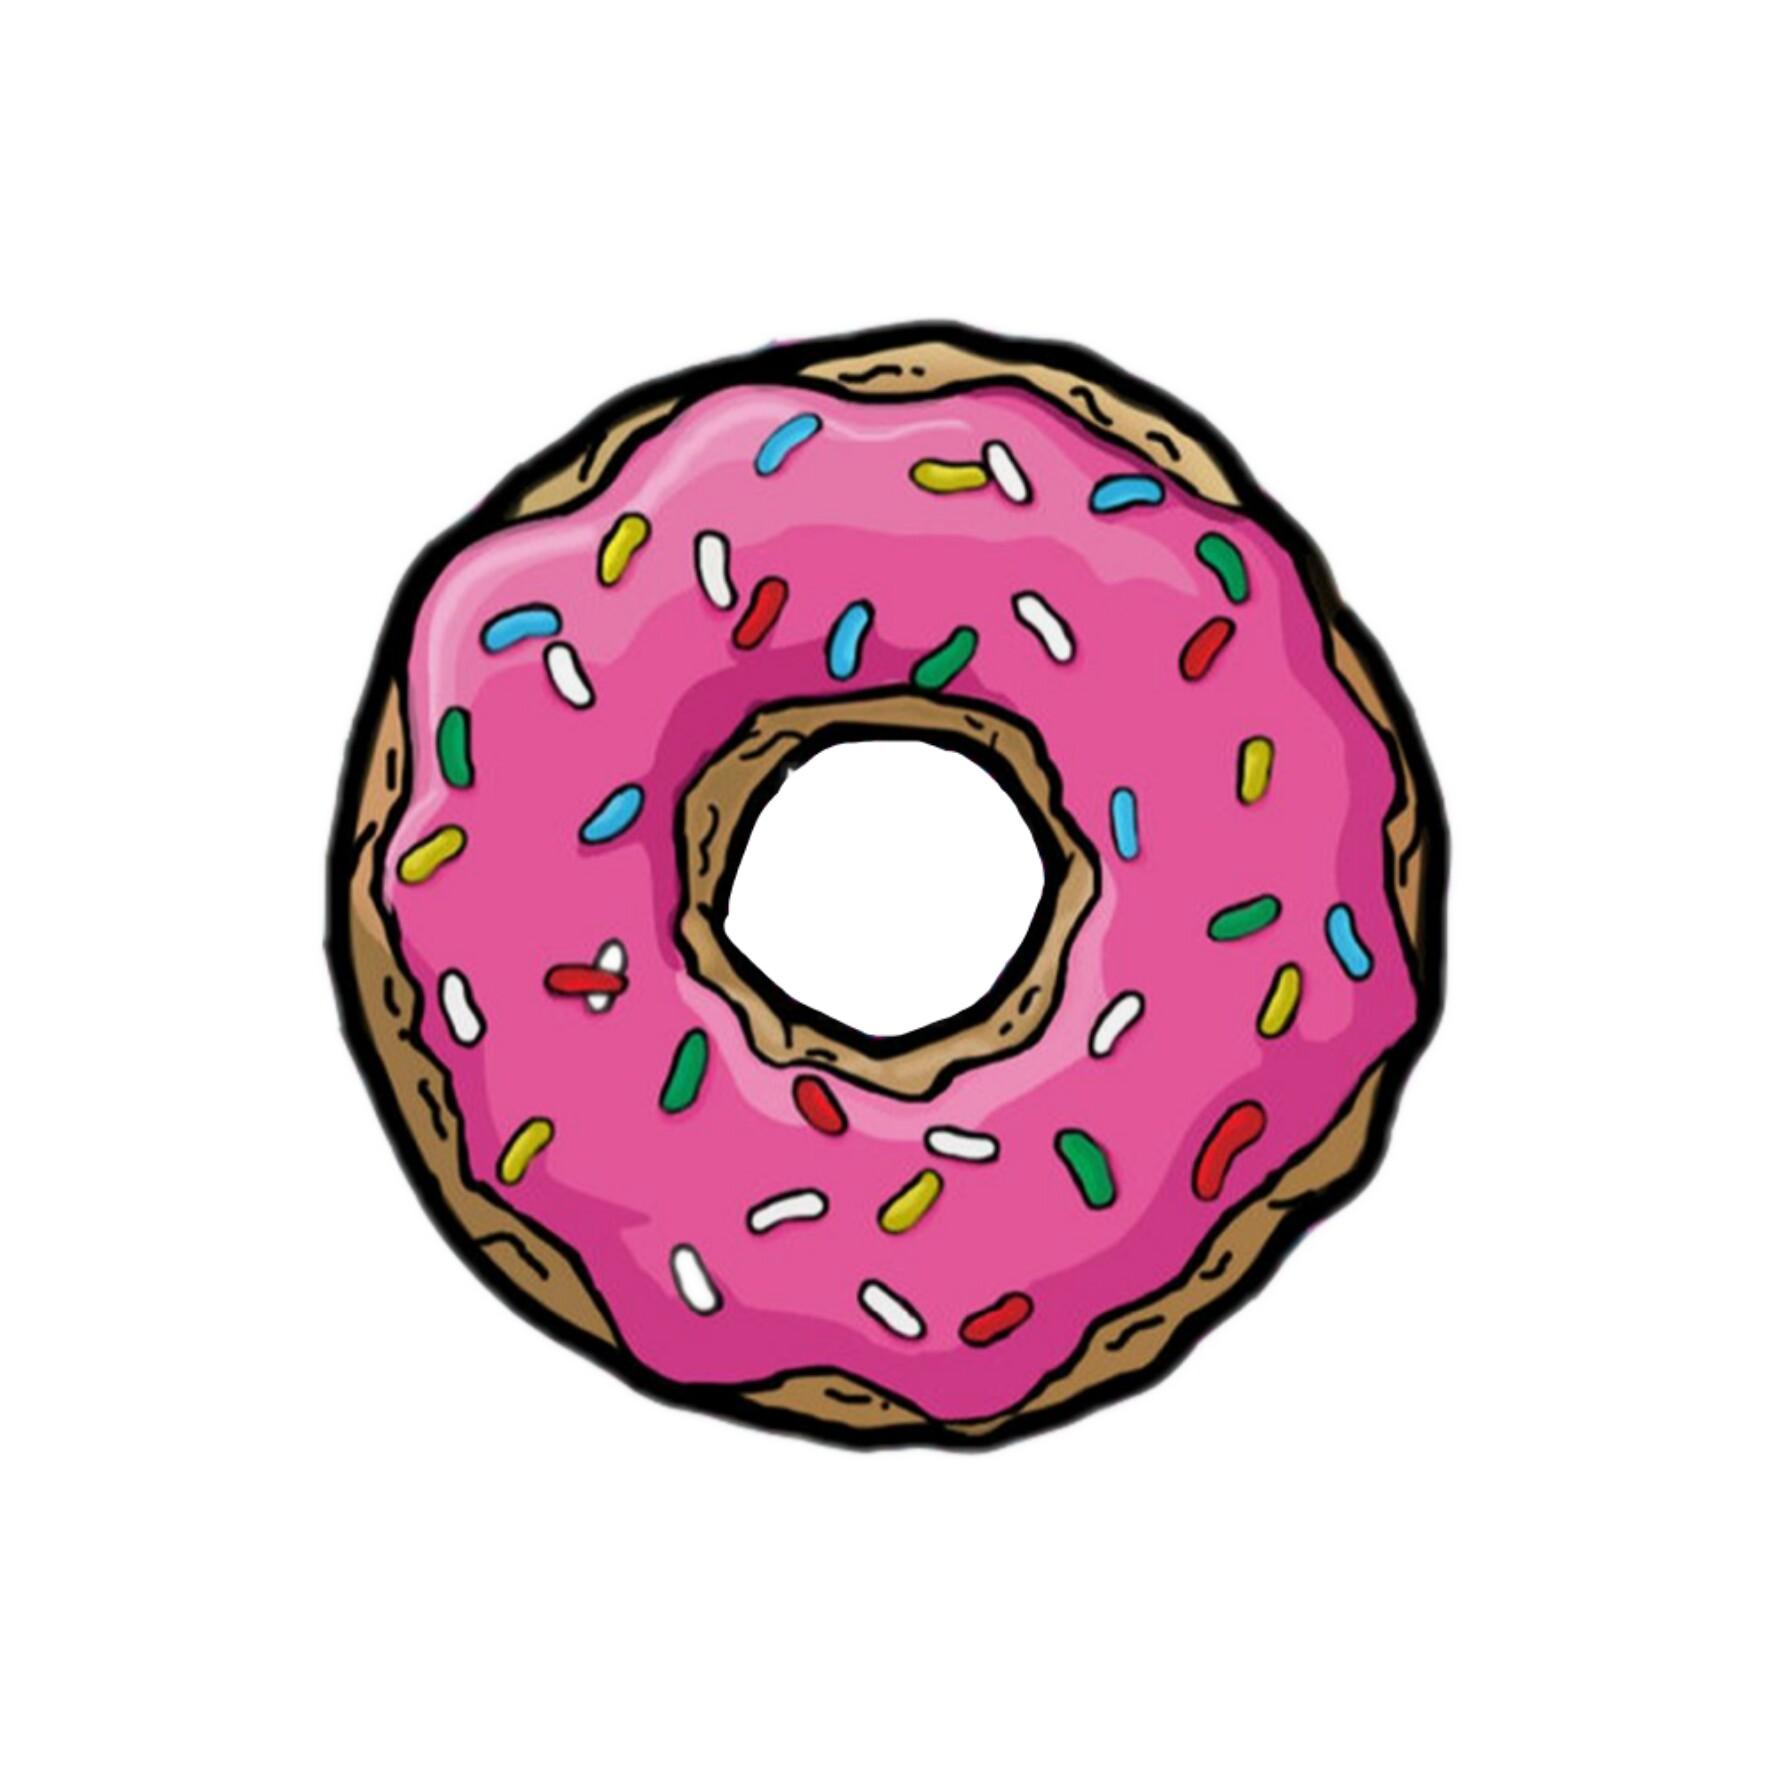 Top 9 Best Derpy Animal Stickers 2019: Rosquilla Homer Homero Simpsons